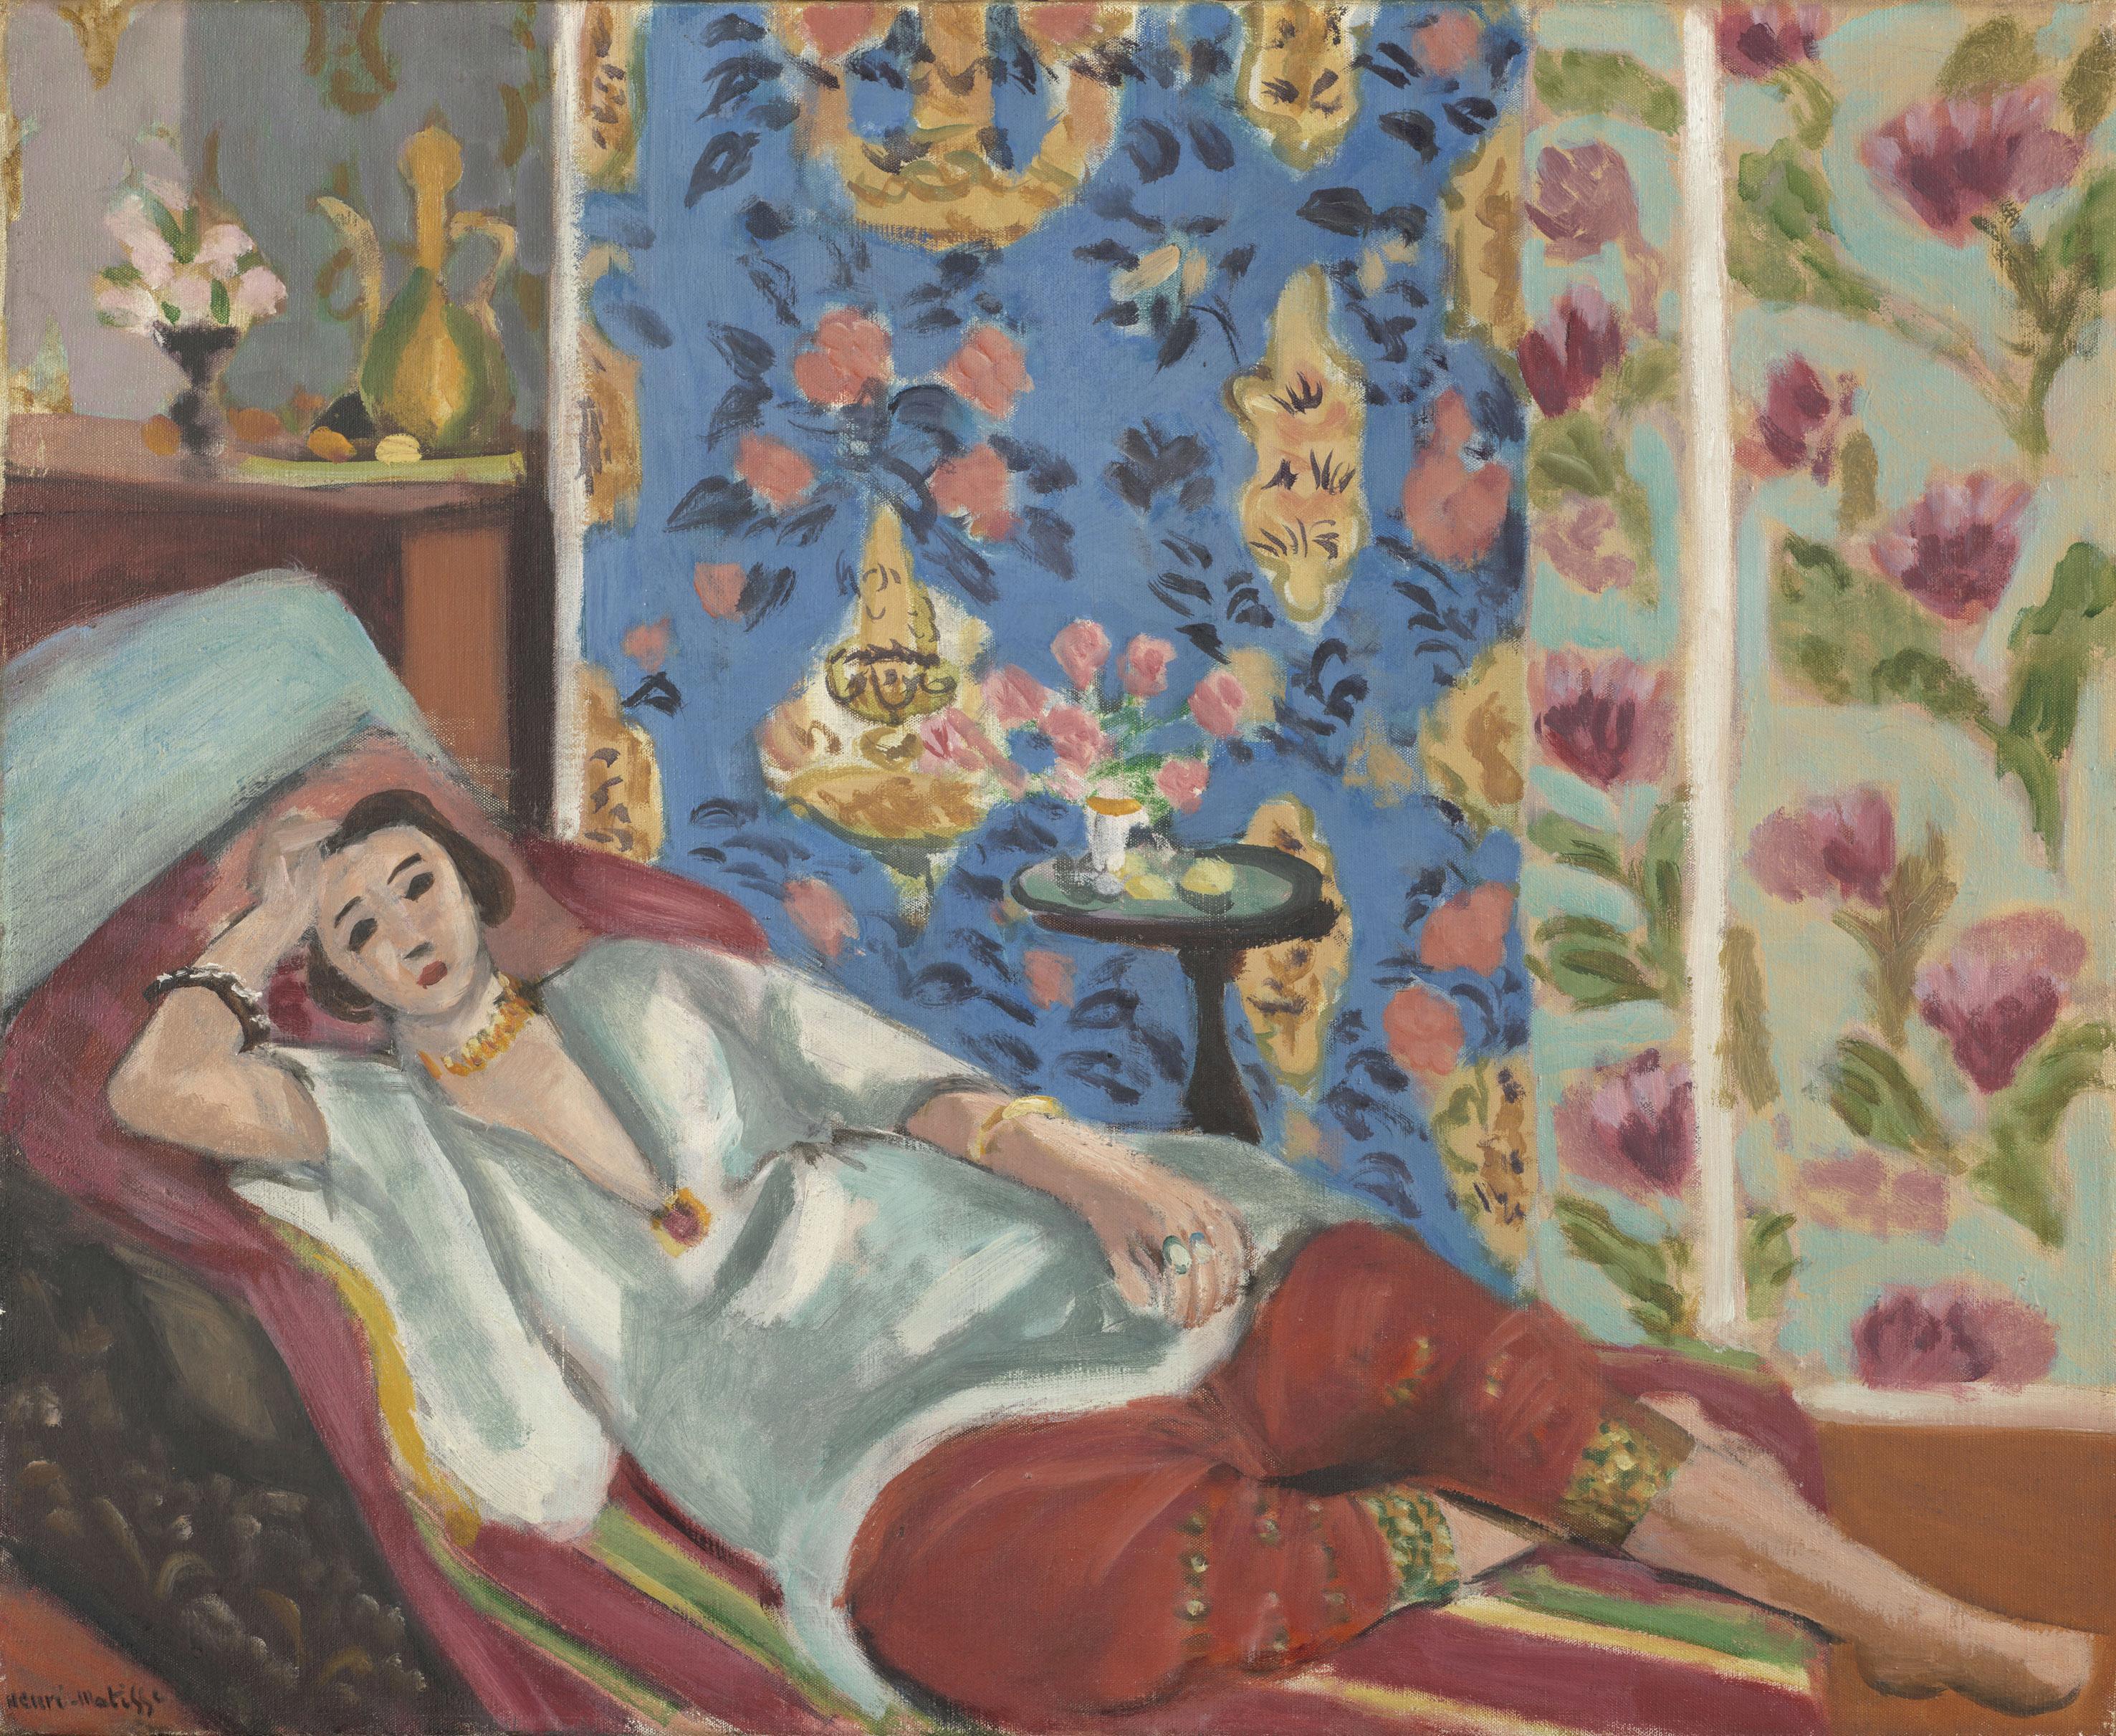 アンリ・マティス《赤いキュロットのオダリスク》1924-1925年頃、油彩・カンヴァス、50×61cm、オランジュリー美術館 (C) RMN-Grand Palais (musée de l'Orangerie) / Michel Urtado / Benoit Touchard